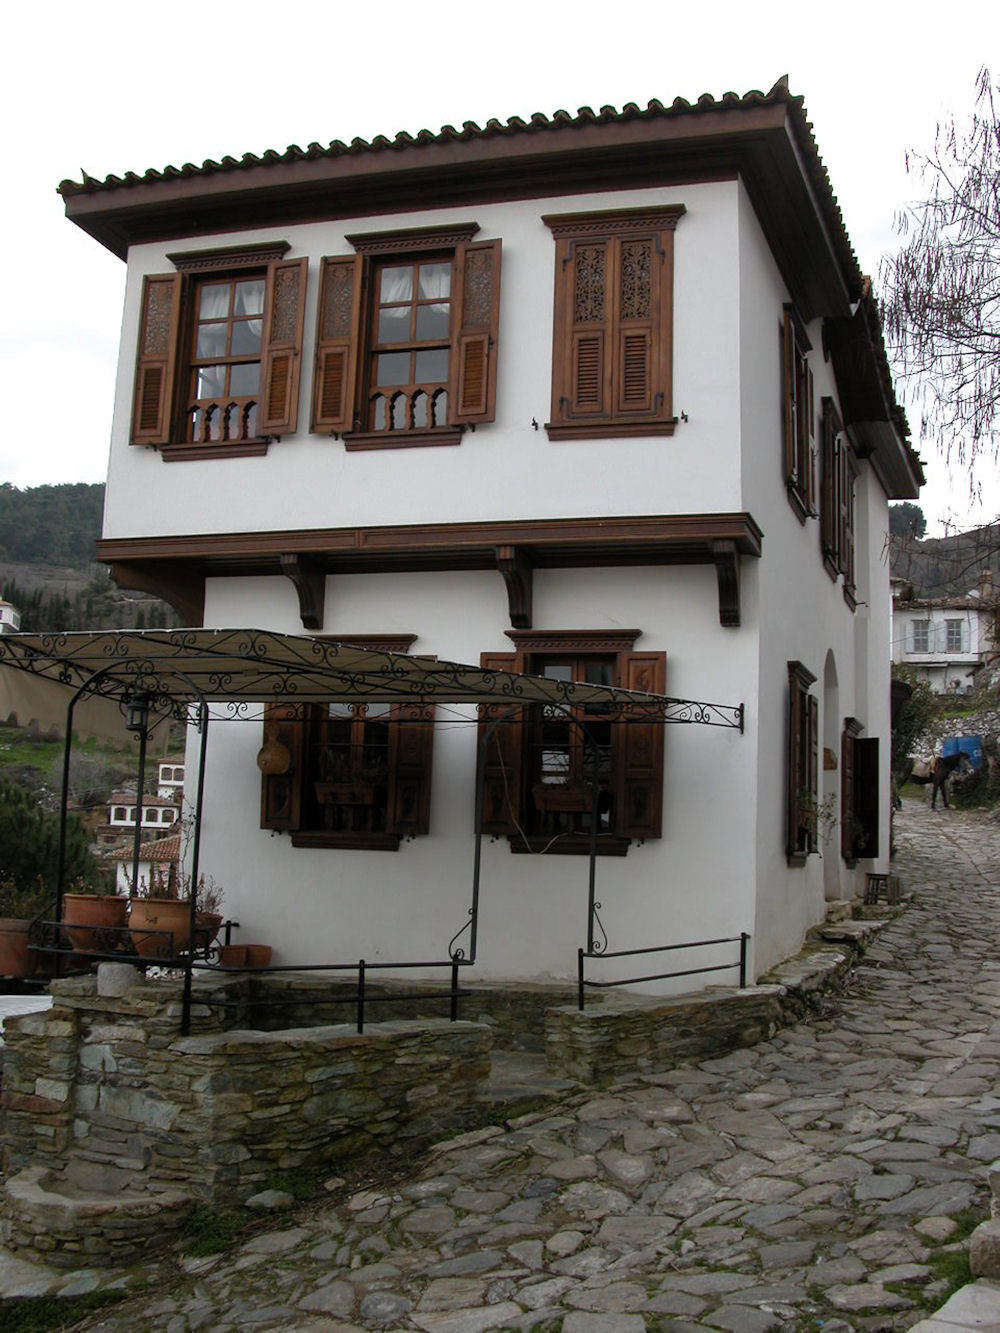 İzmir-Selçuk-Şirince-Doktorun Evi ile ilgili görsel sonucu